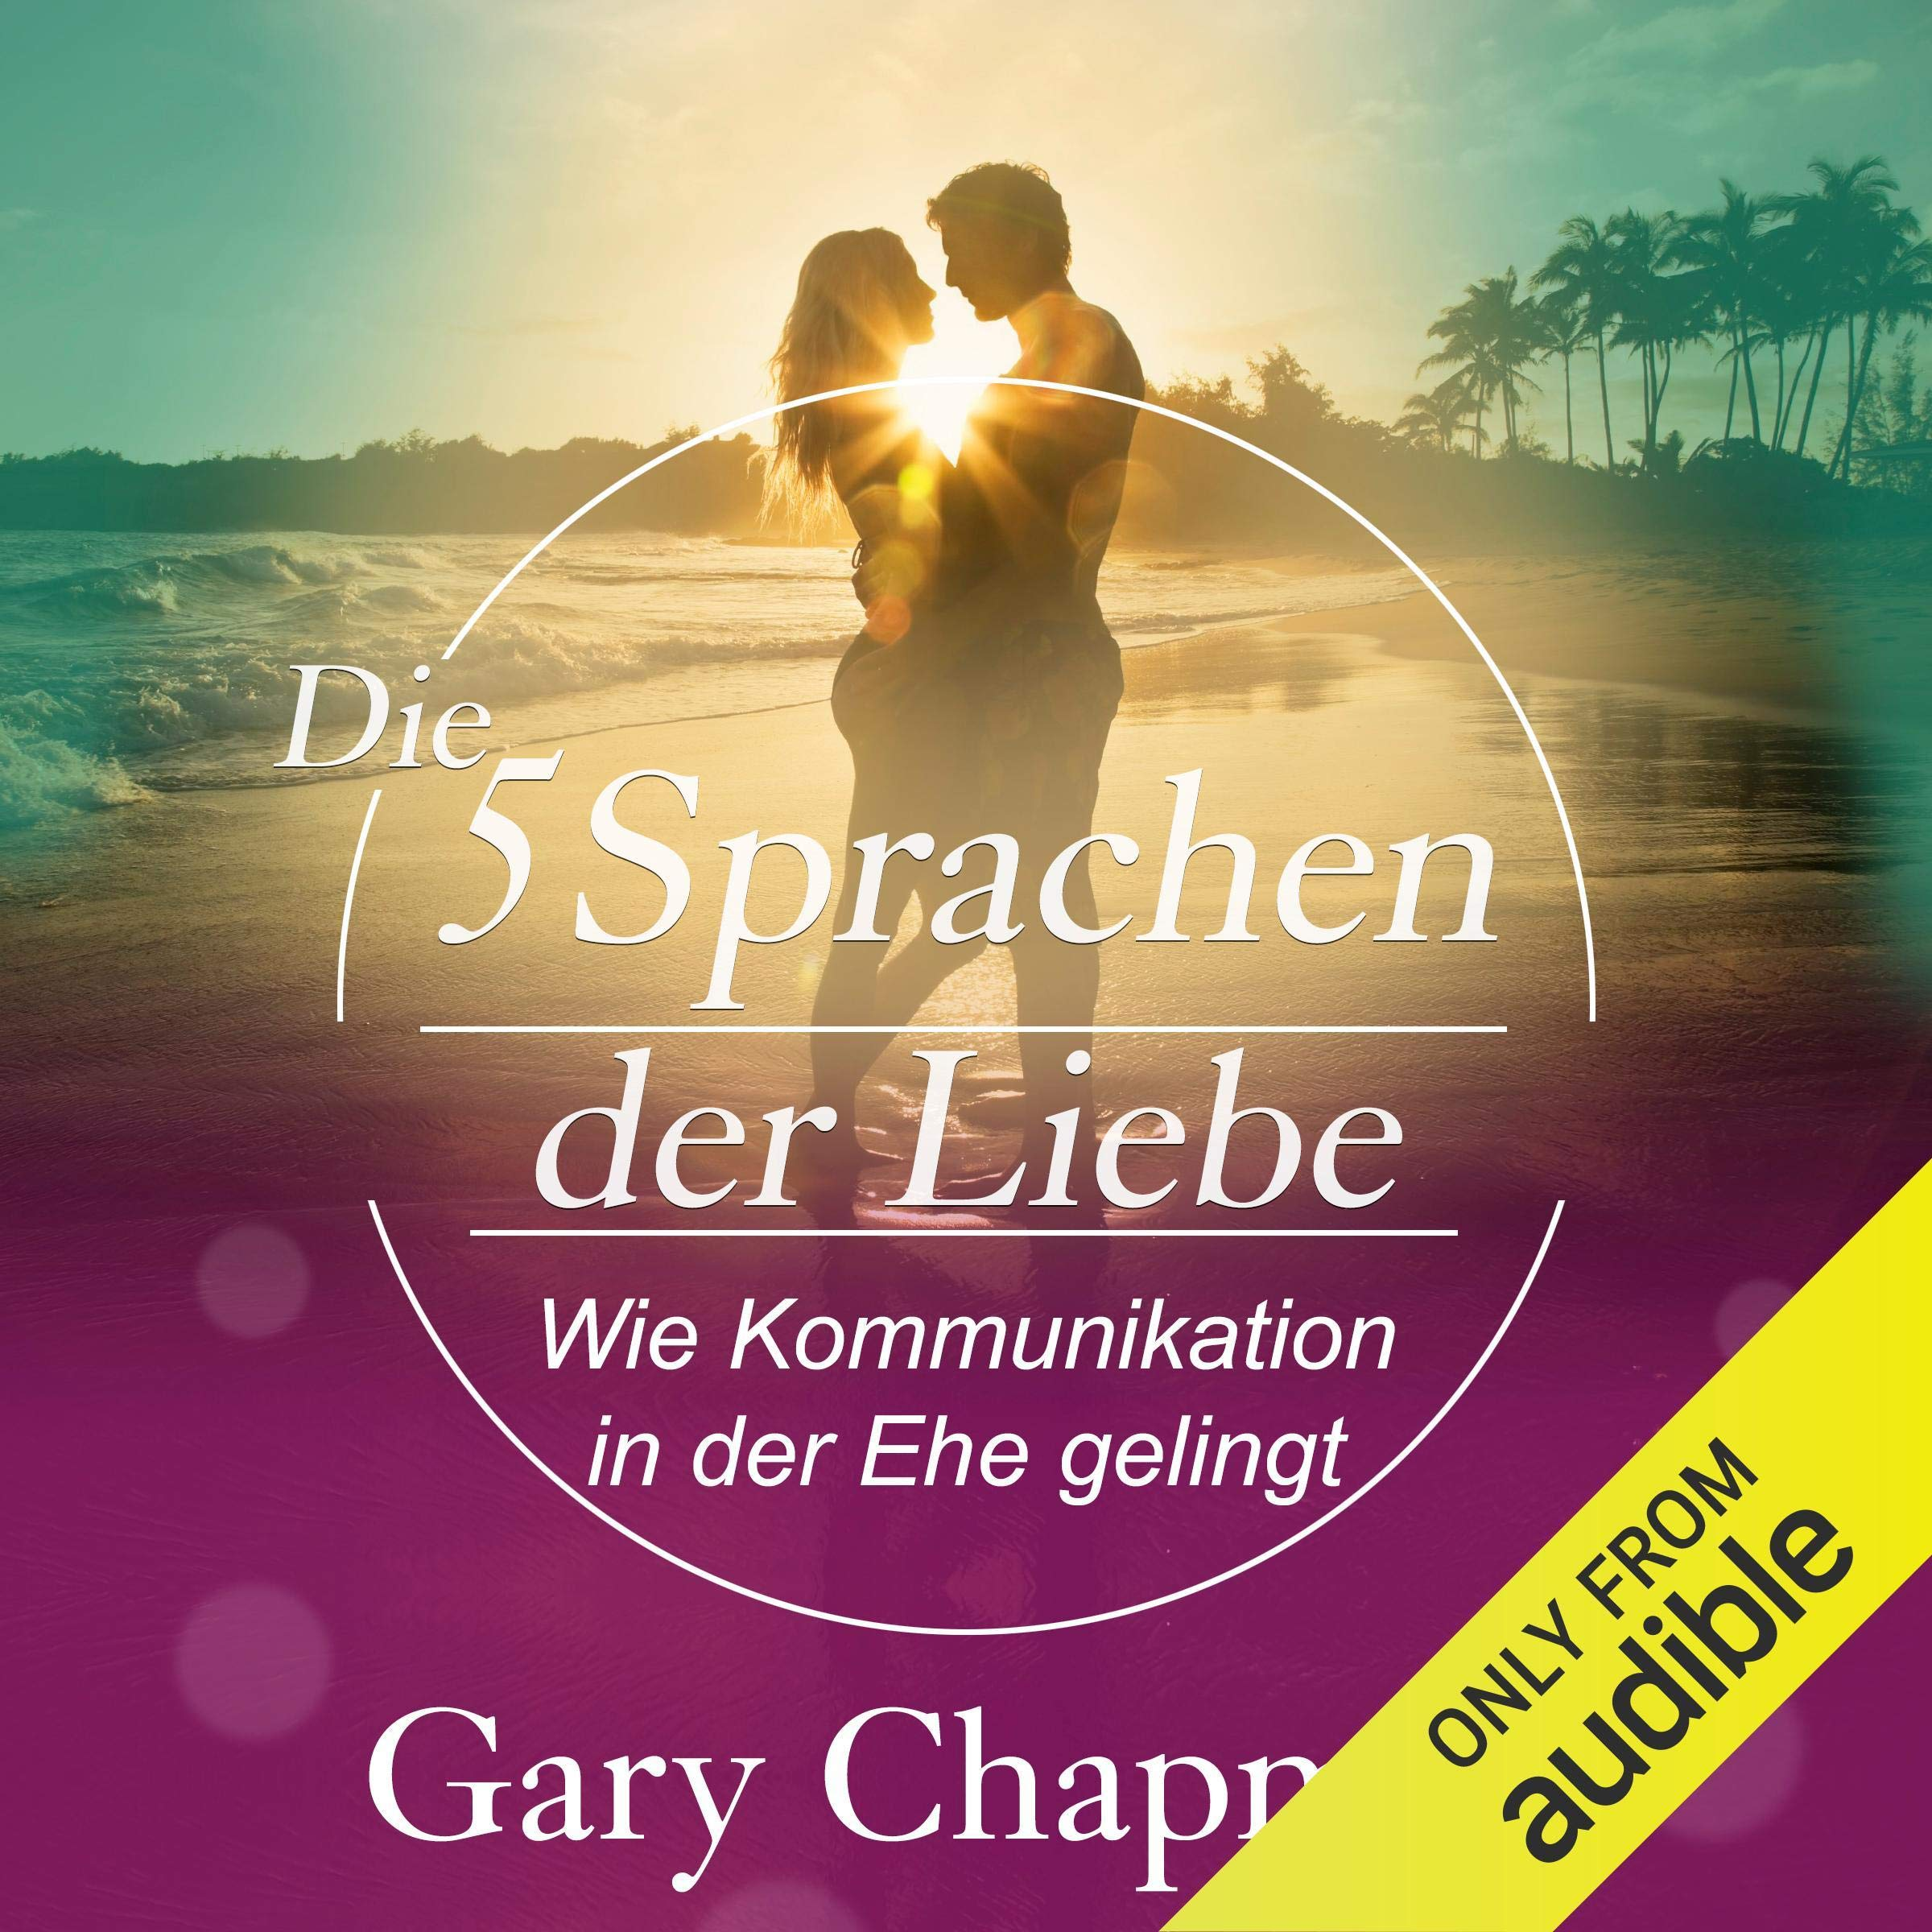 Die Fünf Sprachen Der Liebe  Wie Kommunikation In Der Ehe Gelingt